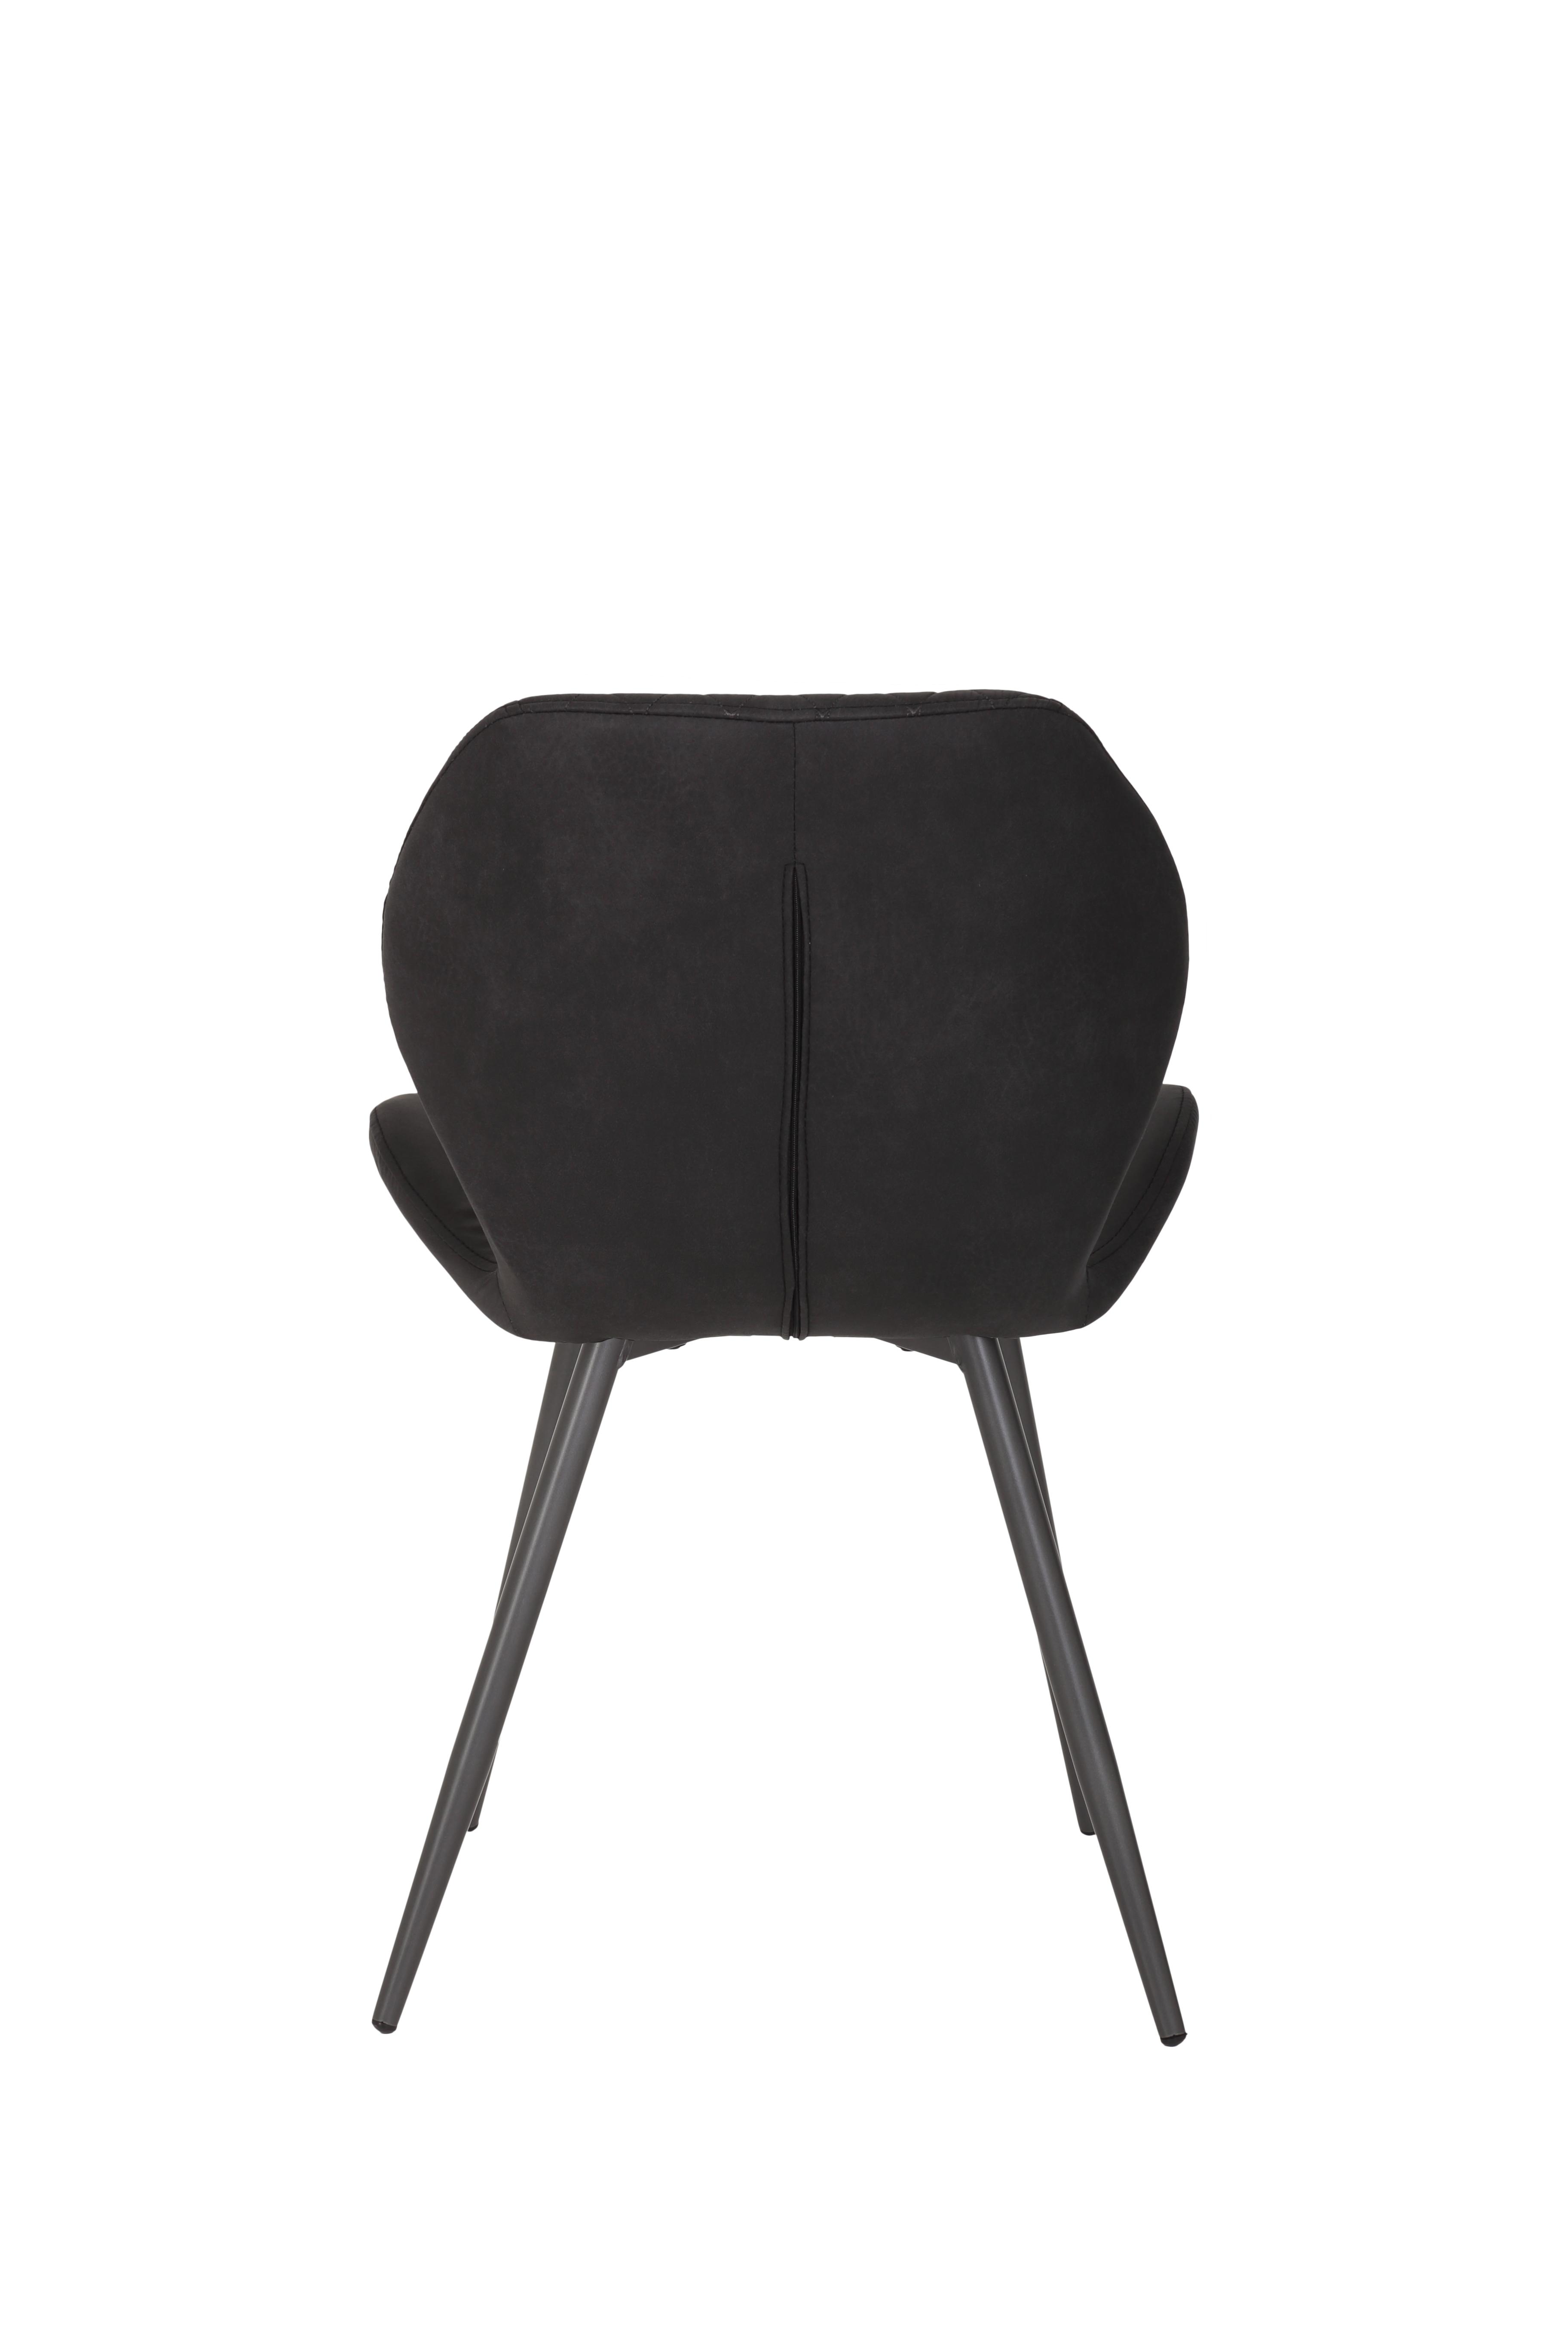 8 Stühle=Set Stuhl Küchenstuhl Esszimmerstuhl Retrostuhl Aurora S 46 Vintage Anthrazit